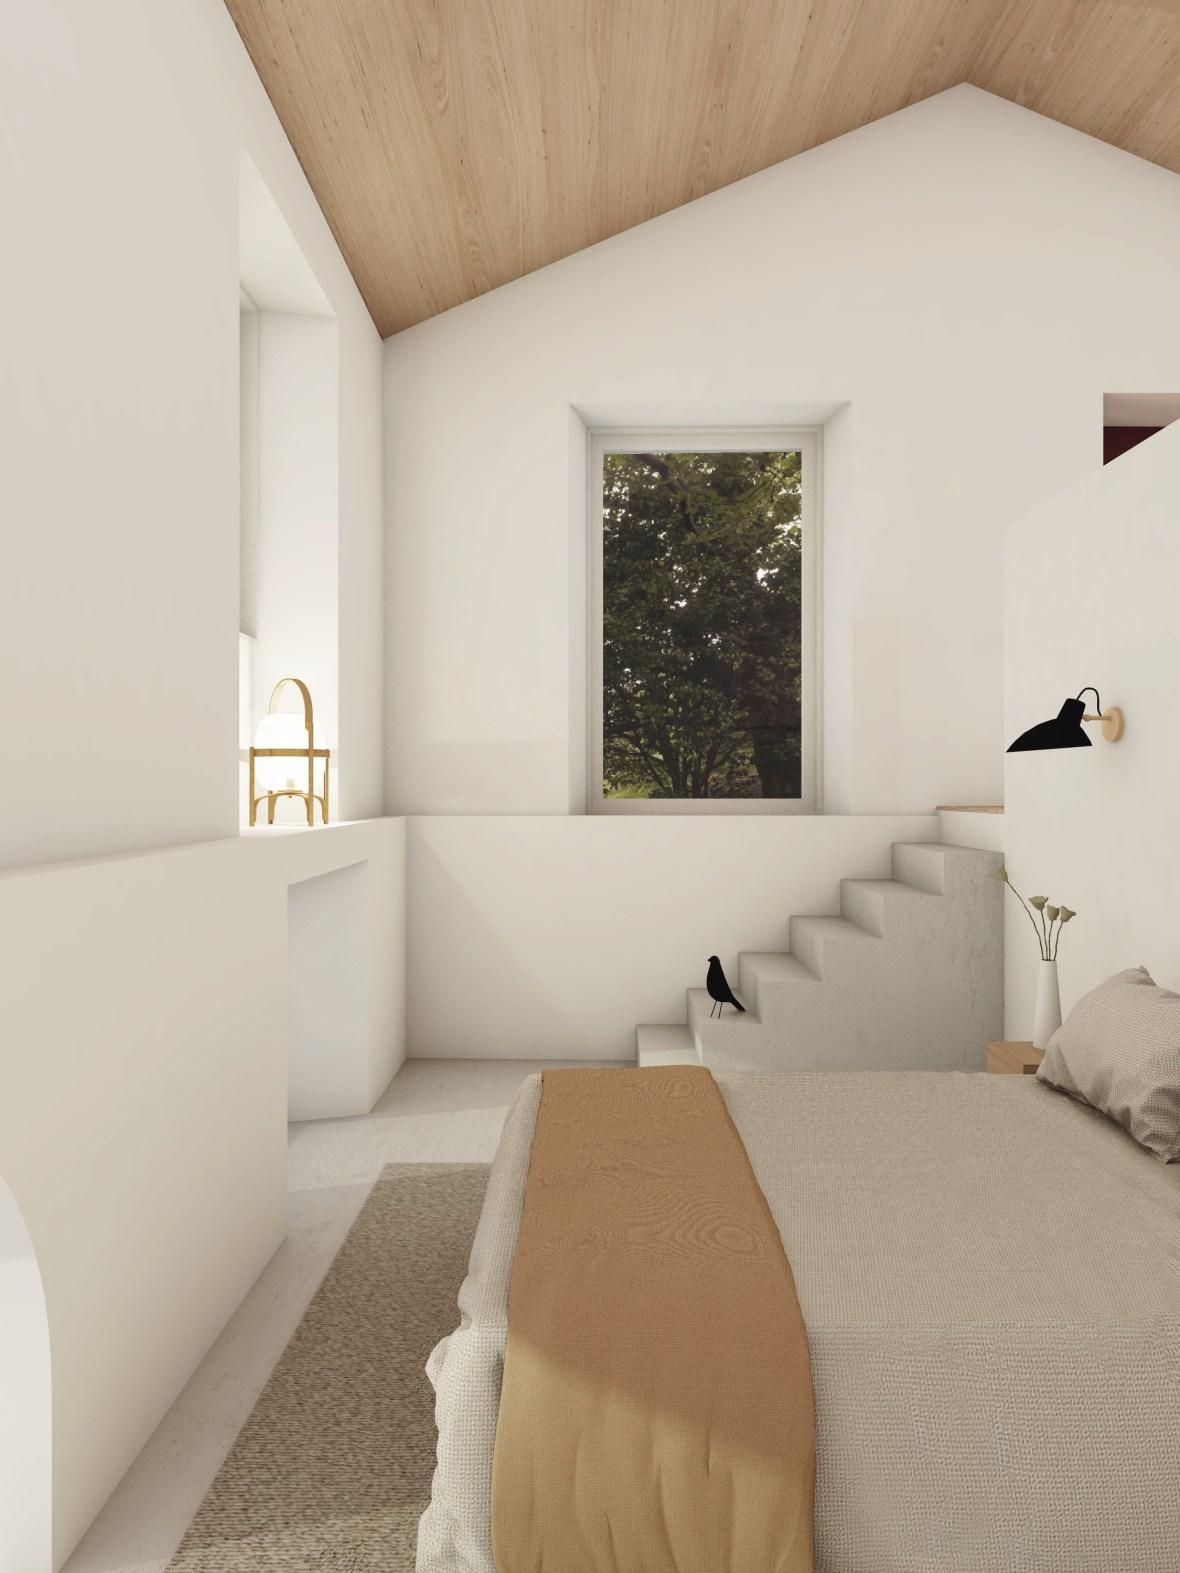 Interior of Casa da Gueixa